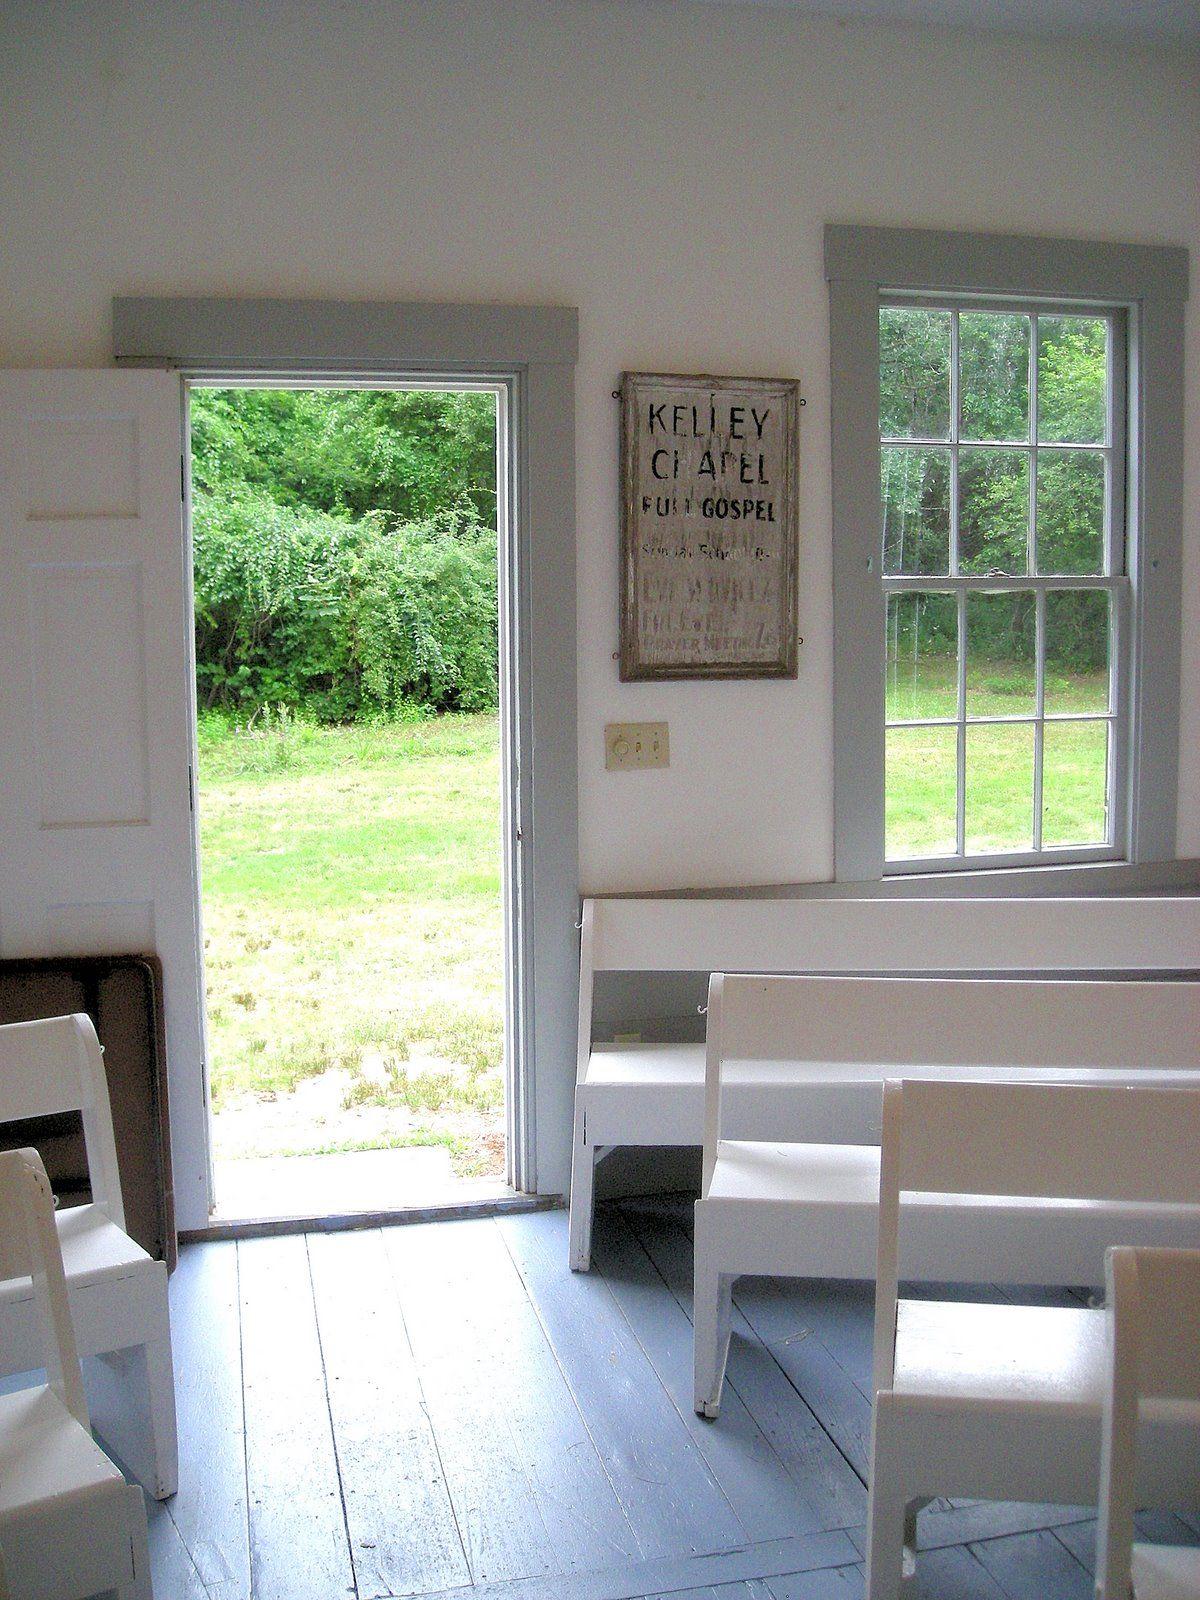 Cape Cod Wedding Ideas Part - 36: Cape Cod Venues U0026 Wedding Ideas: A Small Chapel: Kelley Chapel, Yarmouth,